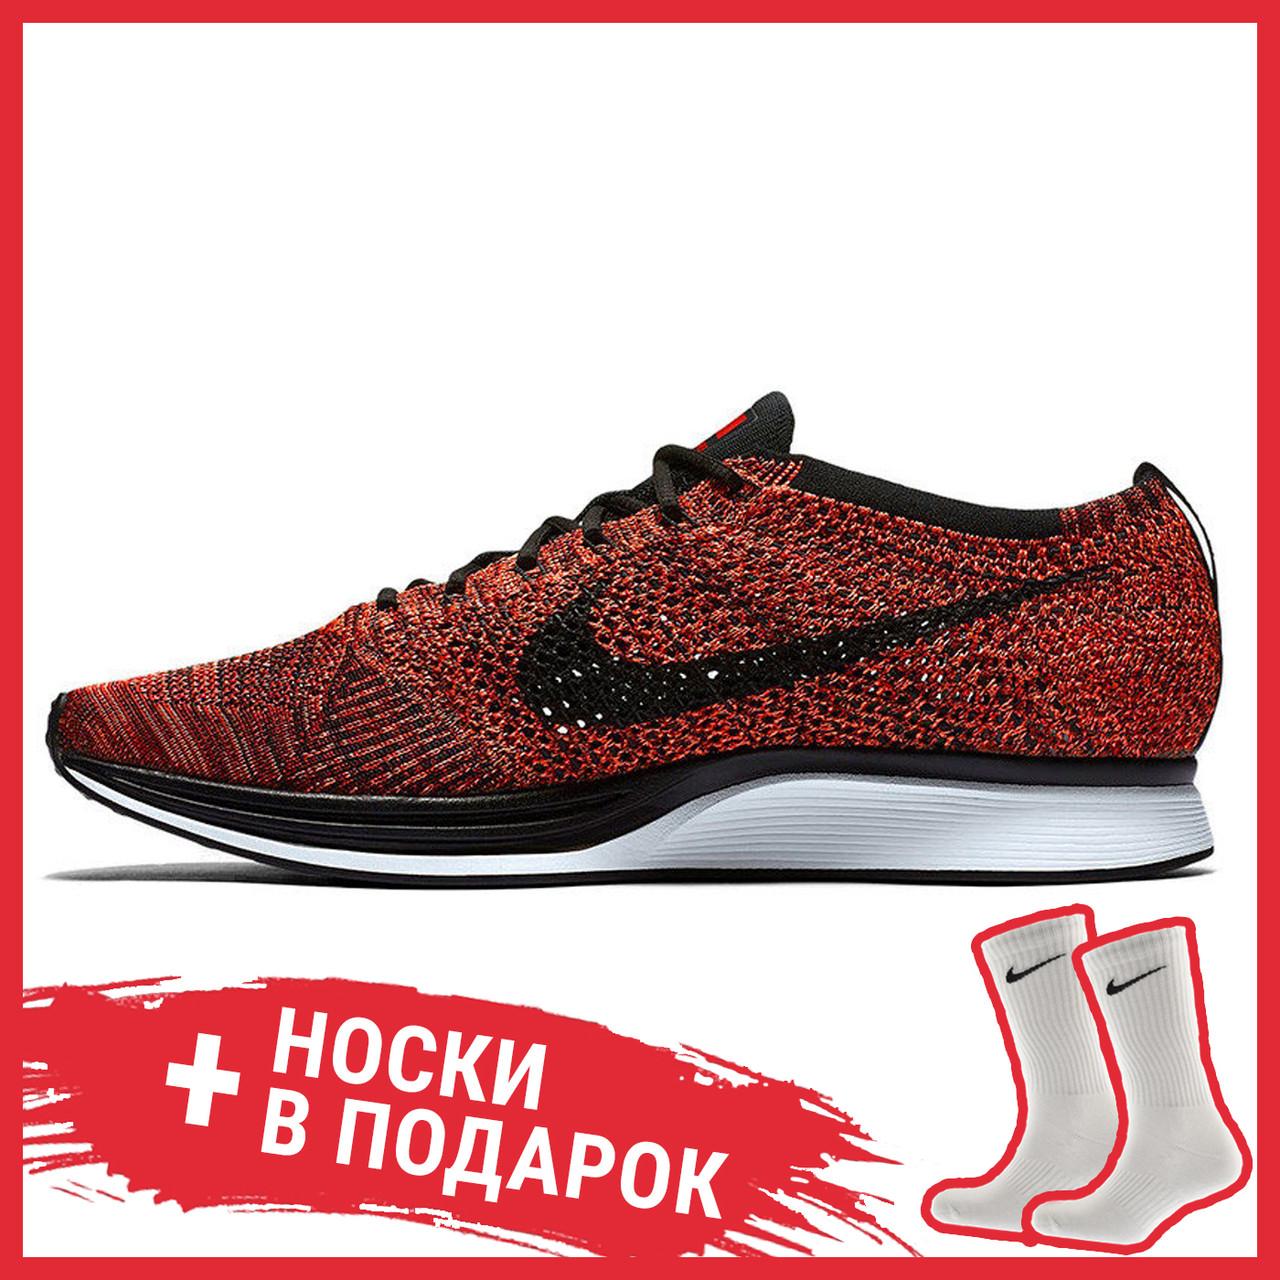 Мужские кроссовки Nike Flyknit Racer University Red 526628-608, Найк Флайнит